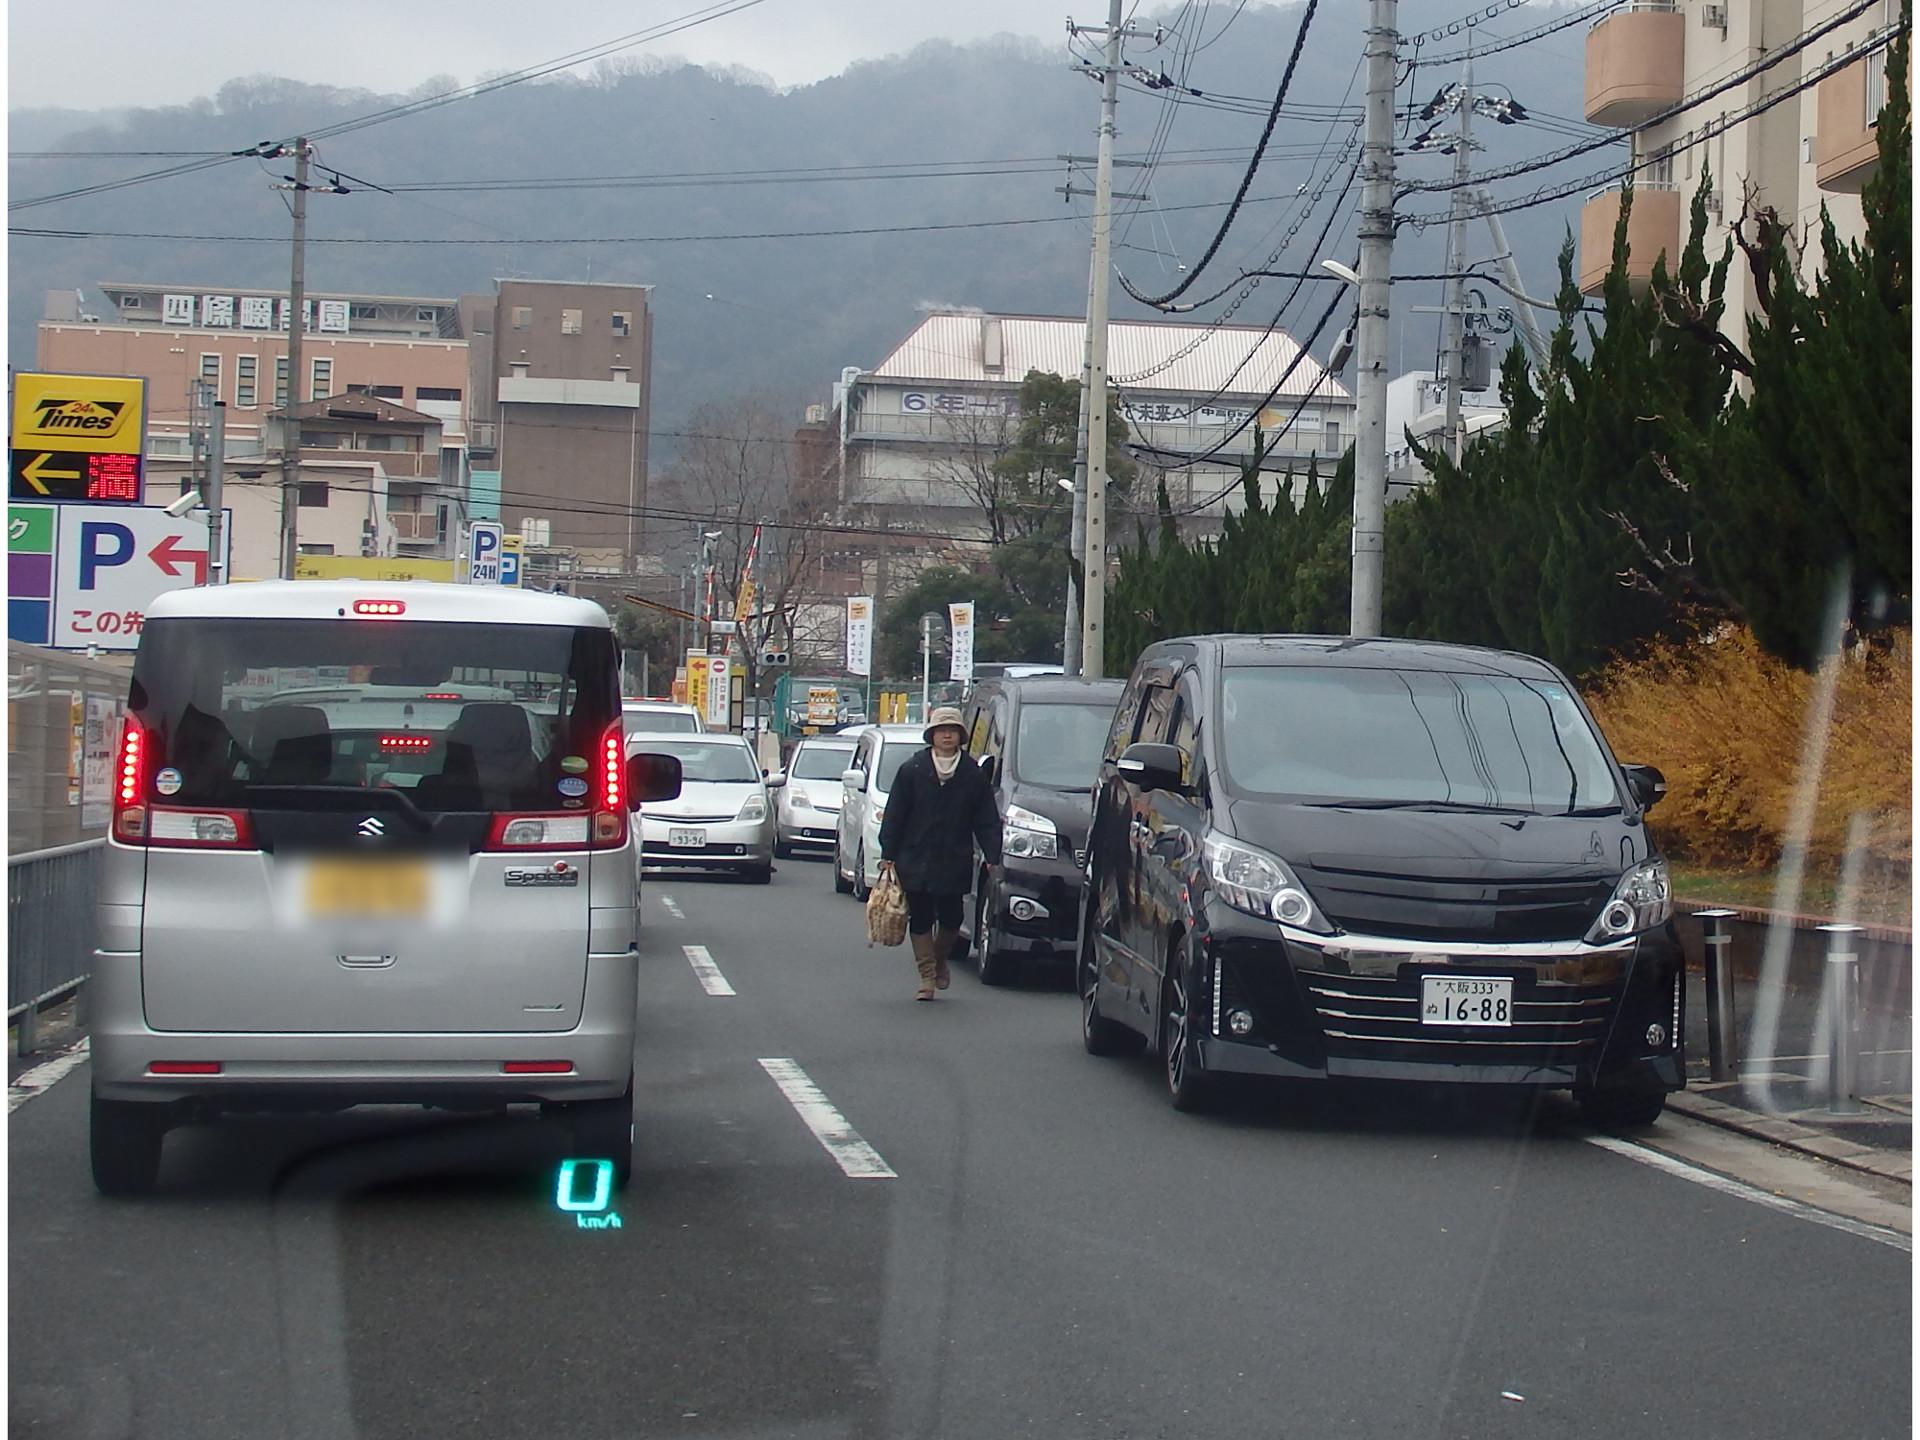 迷惑駐車や路上駐車をなくそう。